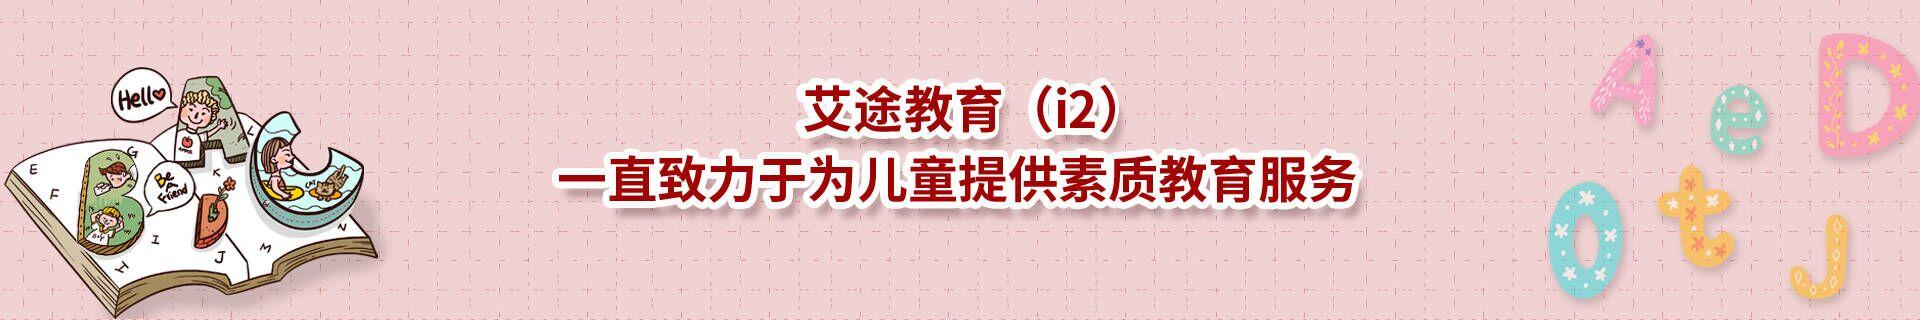 德阳广汉扬州路i2国际私塾